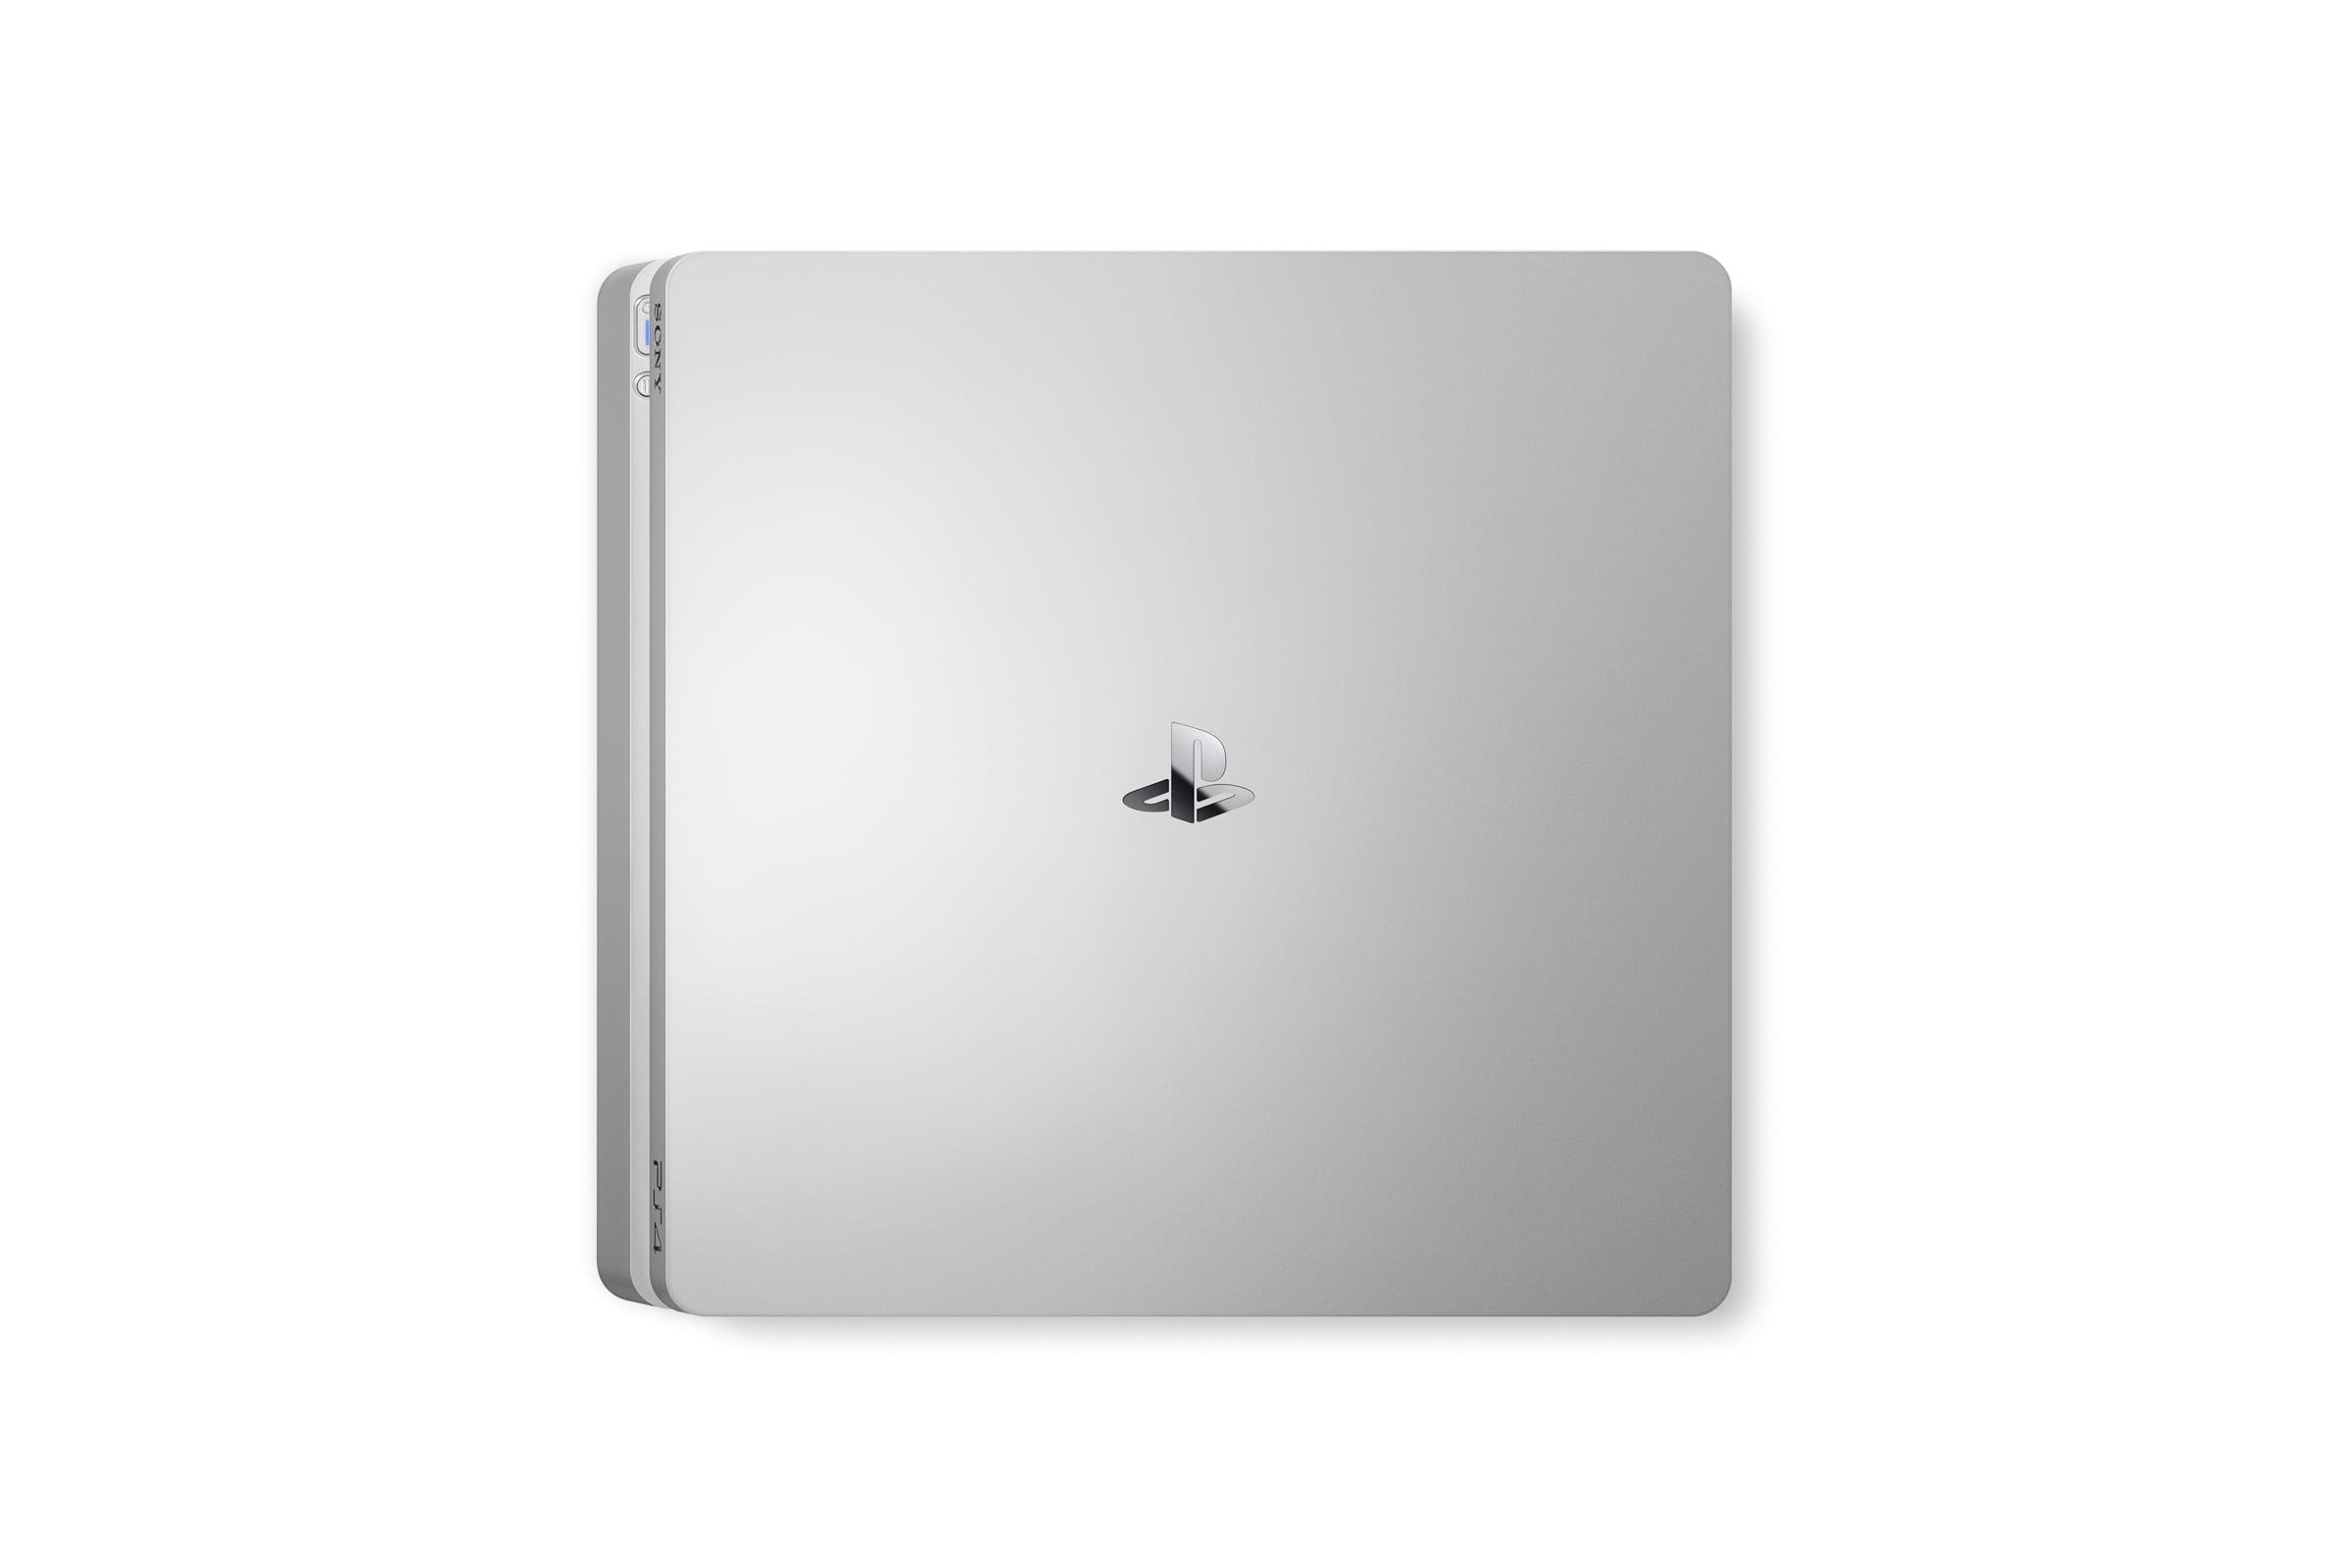 PS4 couleur Argent